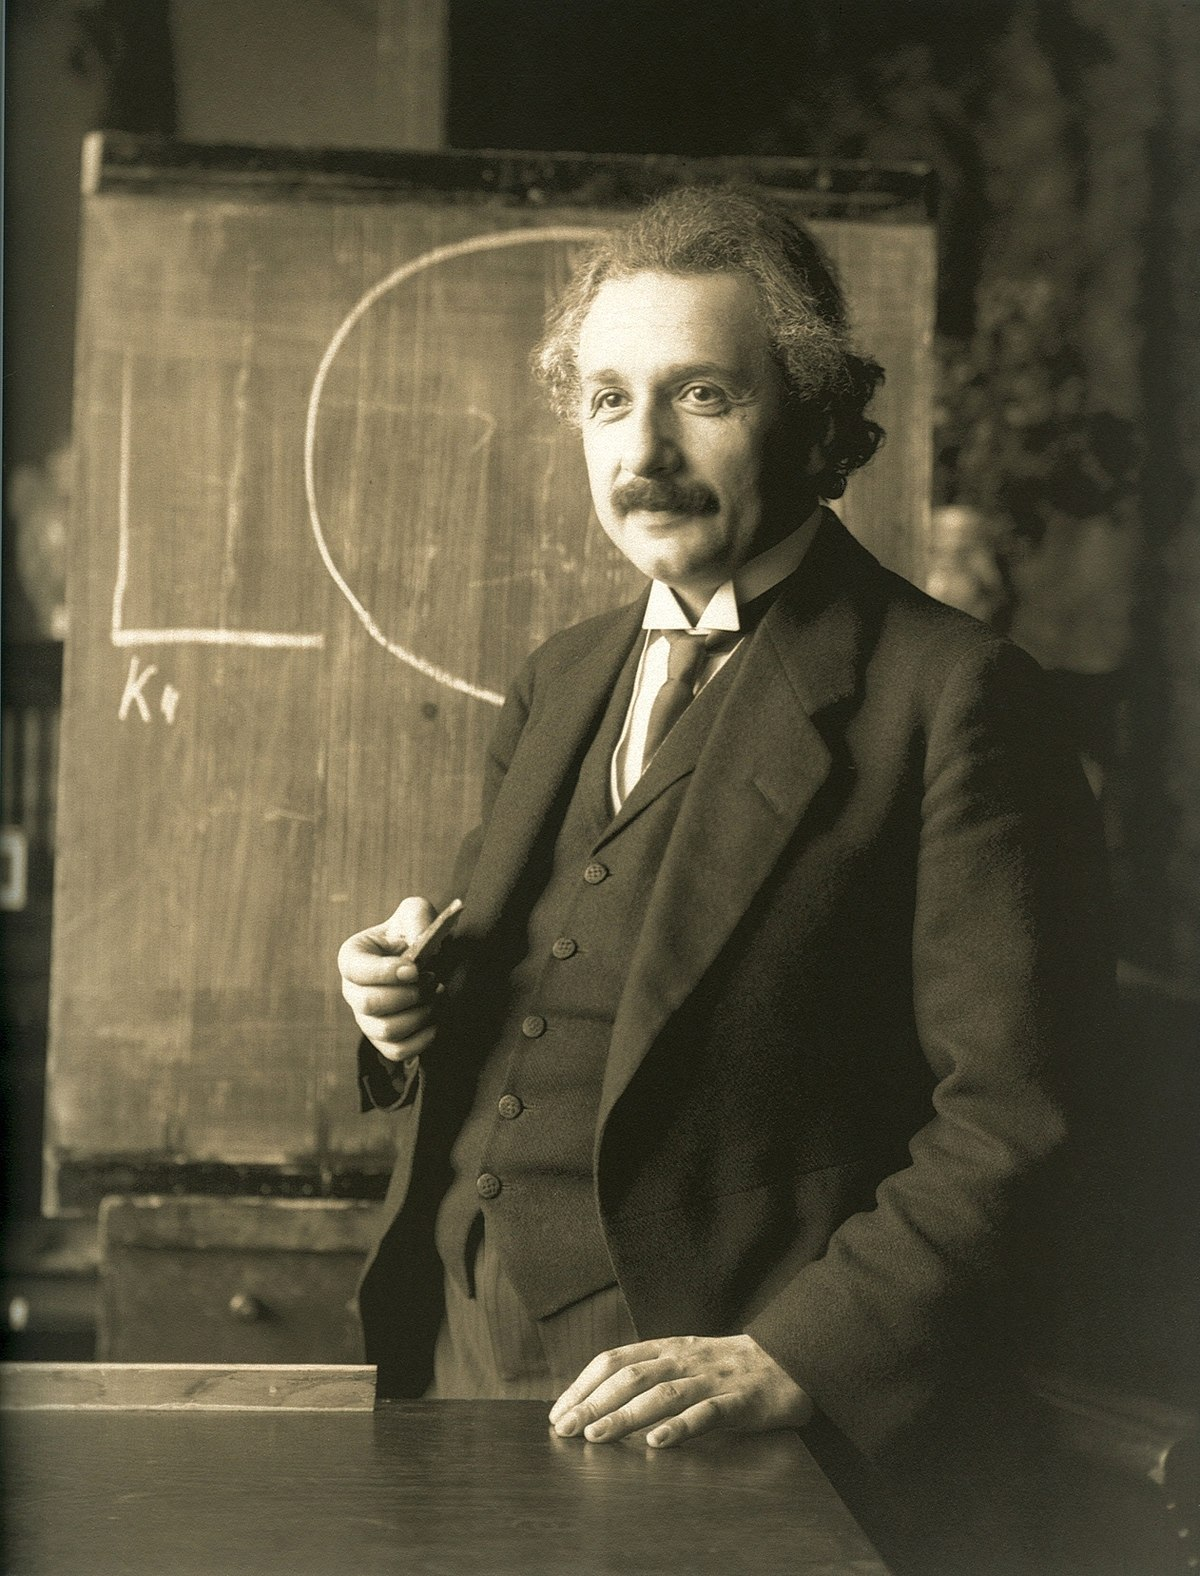 इतिहासमा आज : महान बैज्ञानिक अल्वर्ट आइन्स्टाइनको निधन